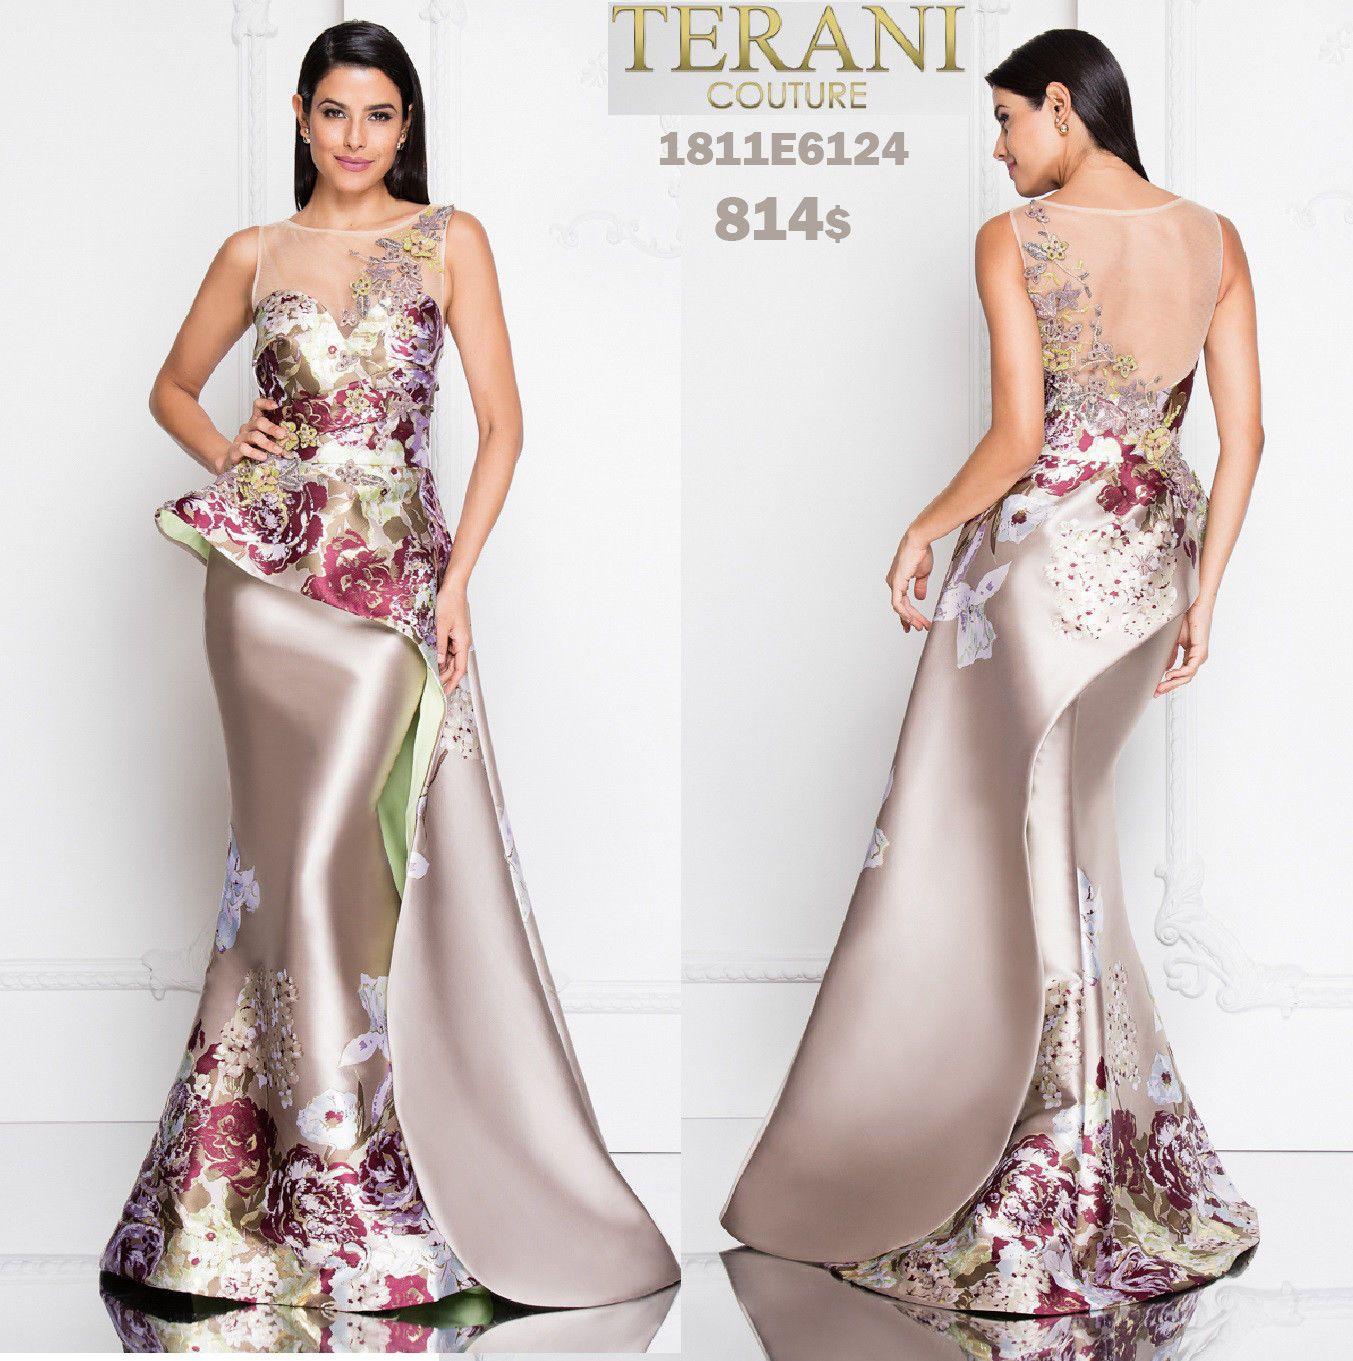 Abiti Da Sera Economici Ebay.Terani 1811e6124 Authentic Dress Free Ups Usps Limited Stock